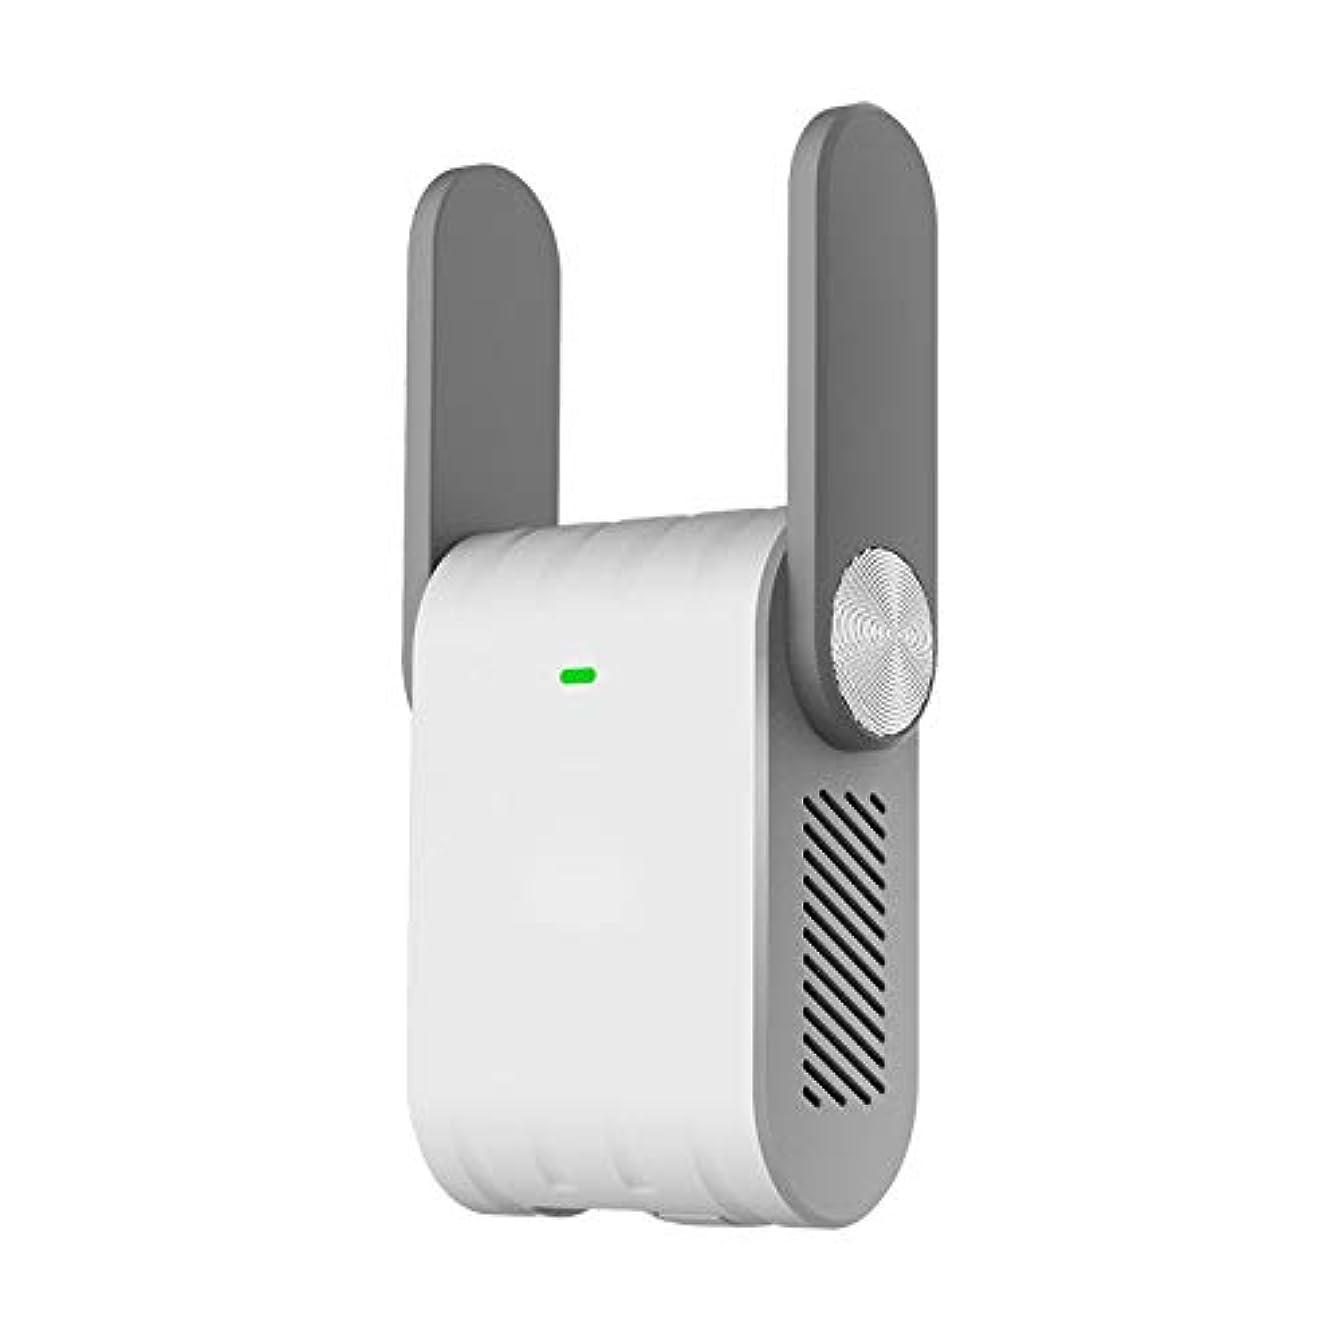 下に向けますジョージハンブリー悪性YANHUA RP102 Wireless Router Wifi Wide Coverage Super Stable 300MBPS MT7628 Chip Wireless Wi-Fi Router Internet Access Point EU Plug